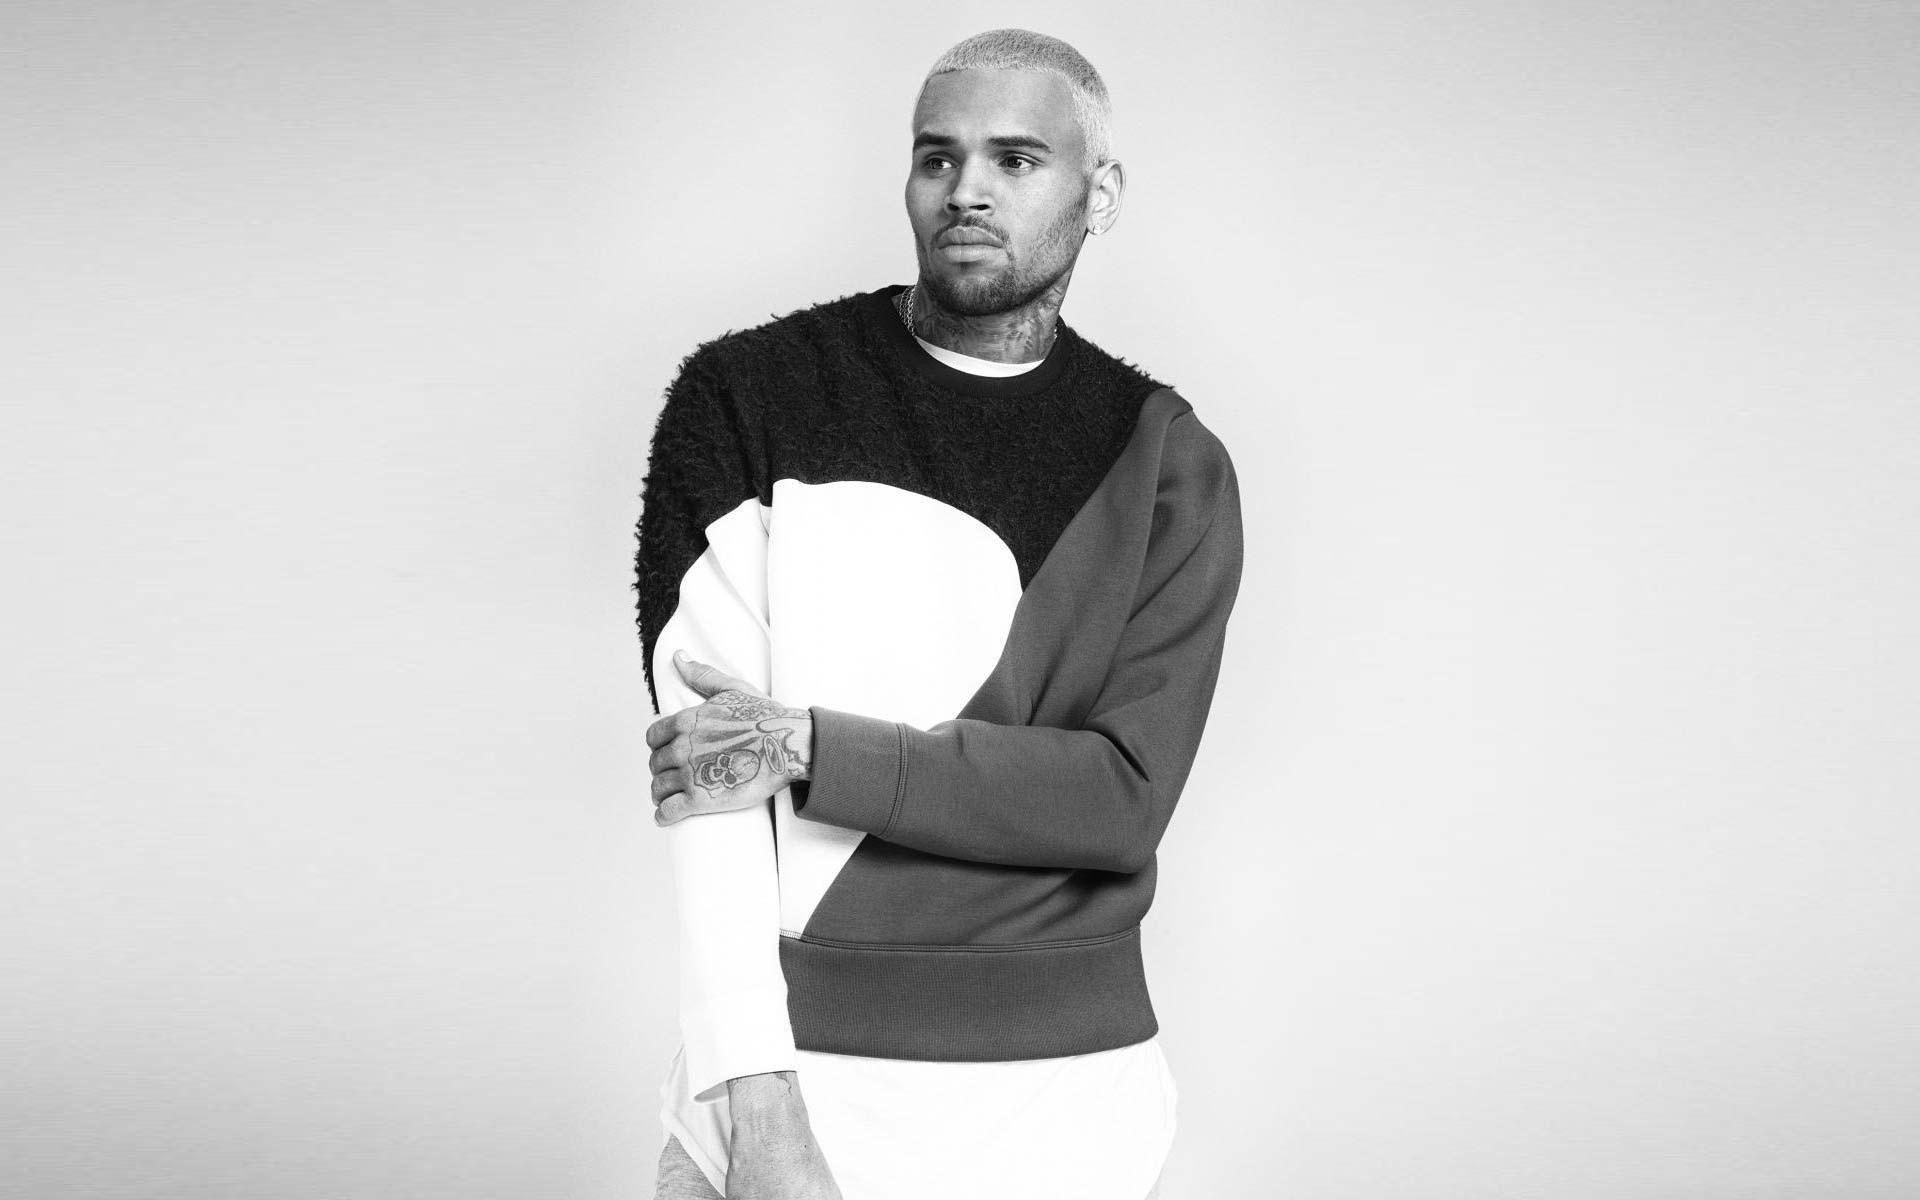 Chris Brown 2017 Wallpapers Wallpaper Cave